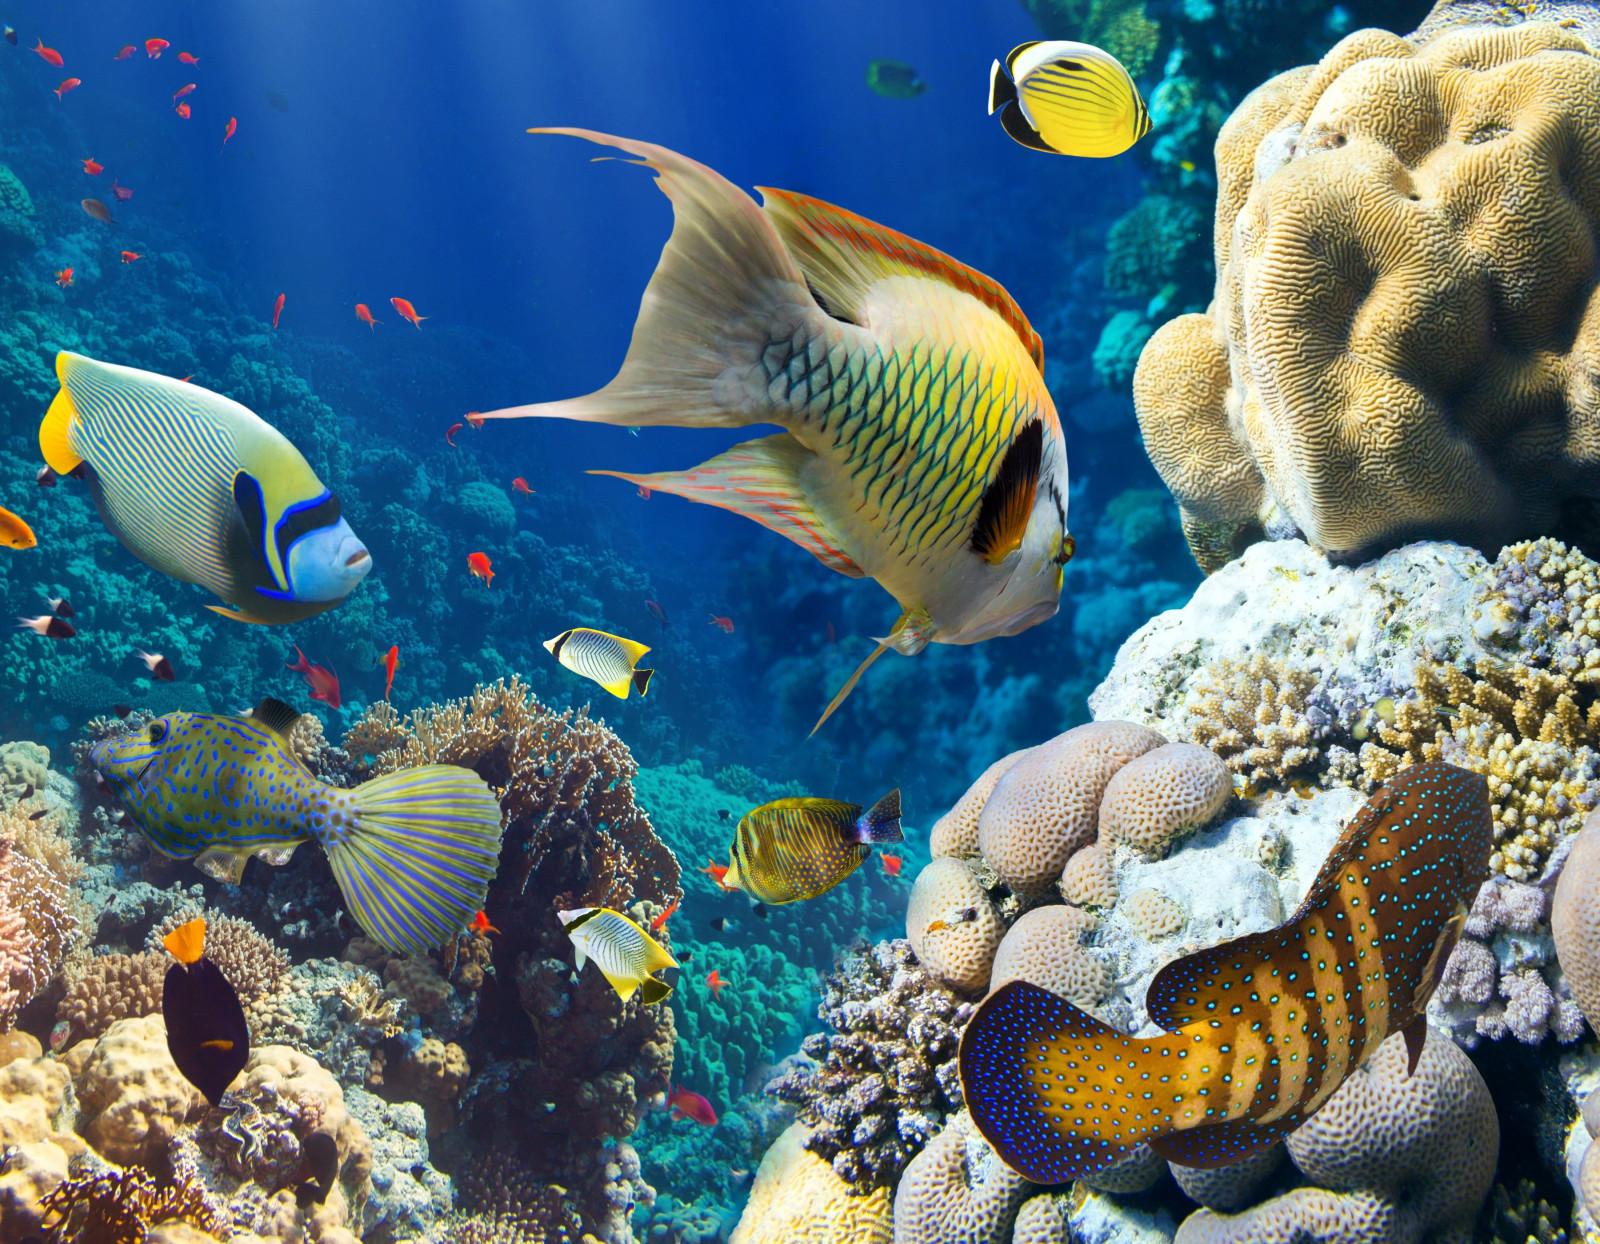 fond d 39 cran animaux mer poisson sous marin r cif de corail aquarium la biologie faune. Black Bedroom Furniture Sets. Home Design Ideas